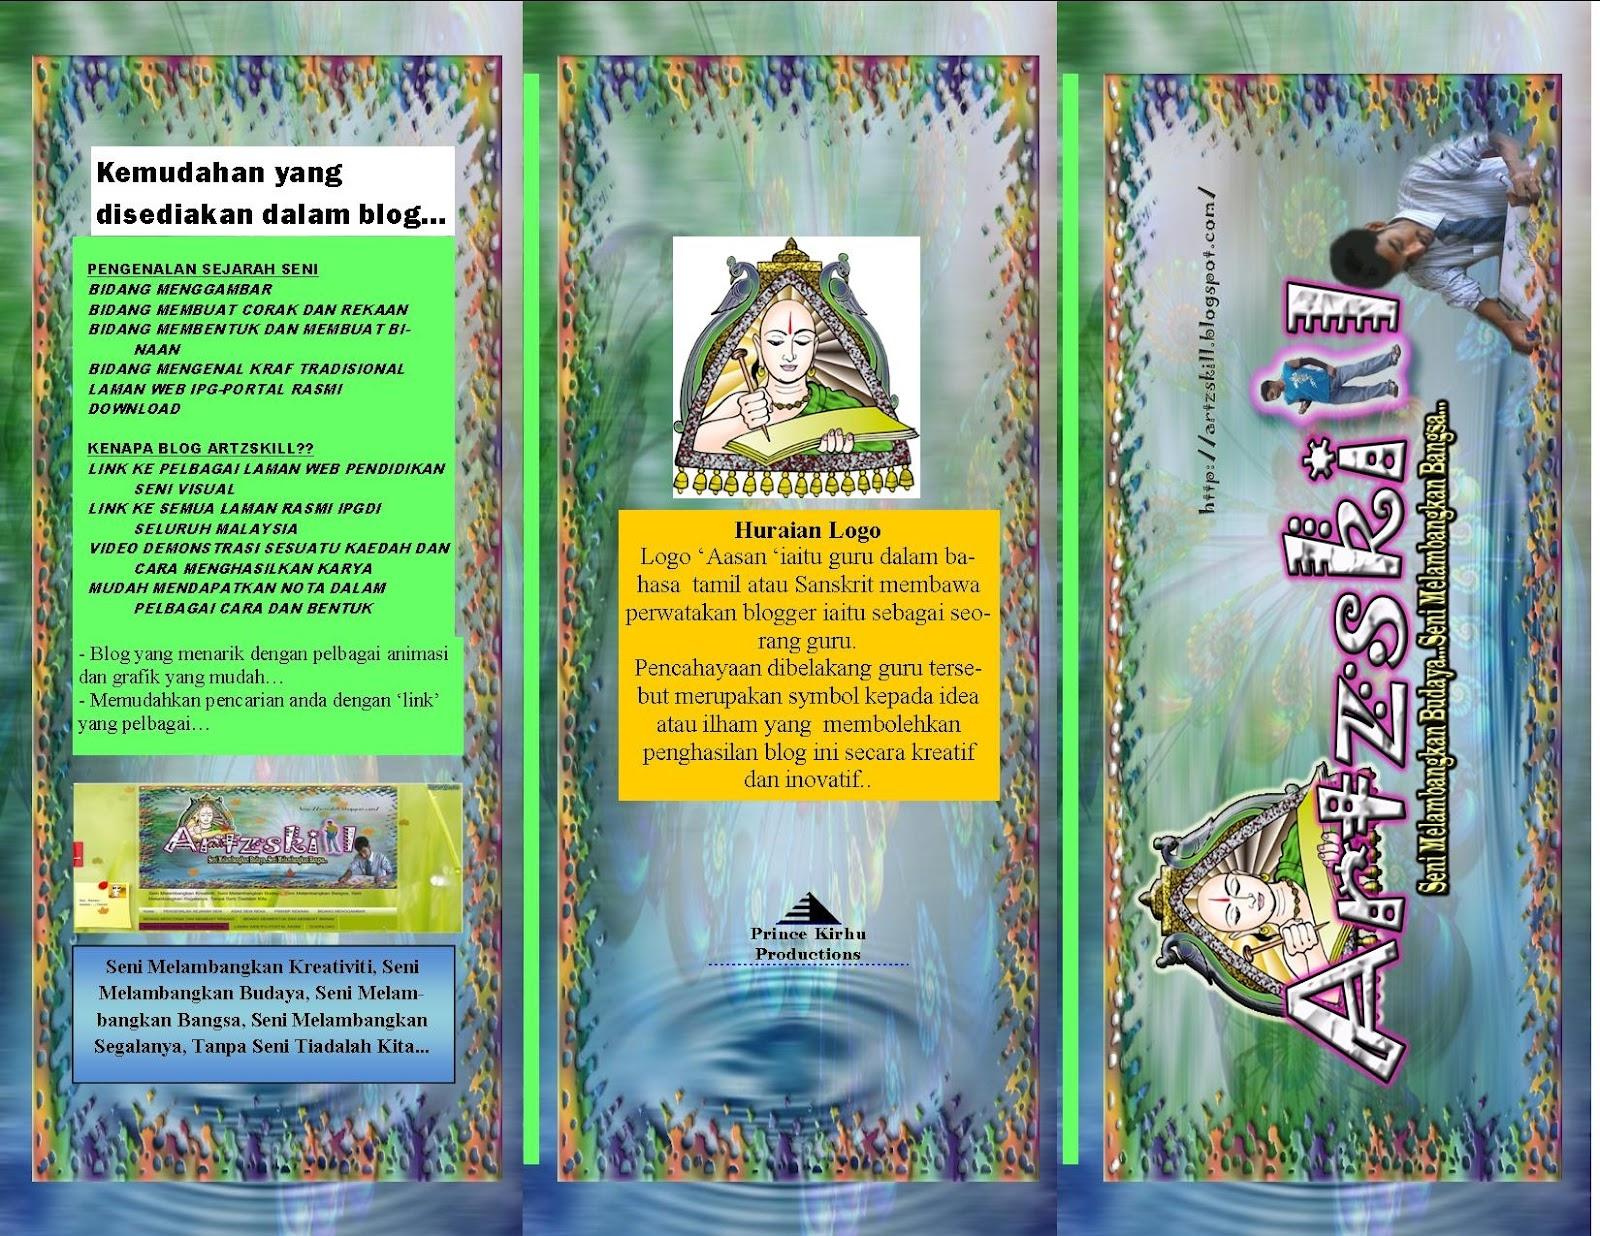 Download Rpt Pendidikan Seni Visual Tahun 2 Berguna A Rtzskill A Download Of Pelbagai Rpt Pendidikan Seni Visual Tahun 2 Yang Dapat Di Muat Turun Dengan Segera